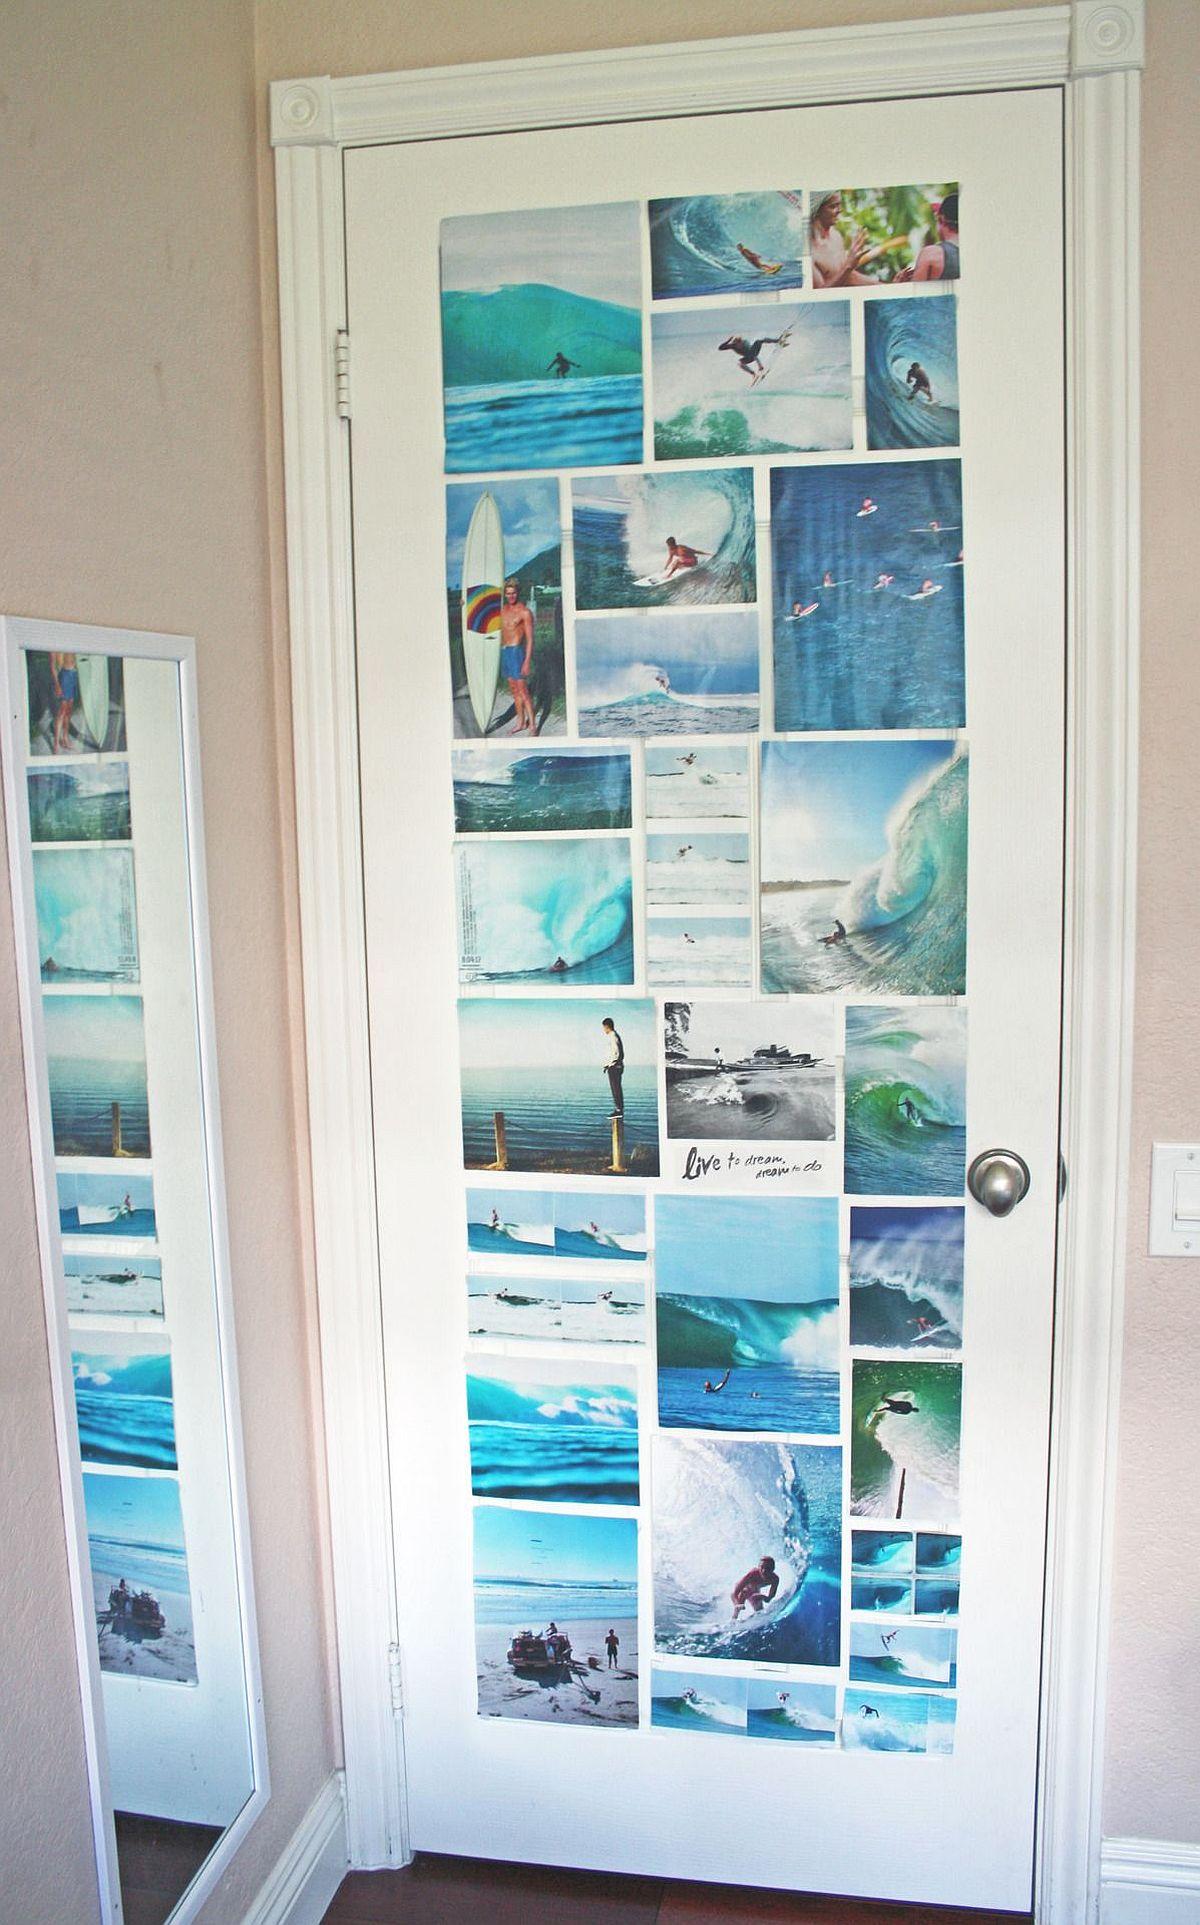 adelaparvu.com despre idei decorare usa interioara cu fotografii